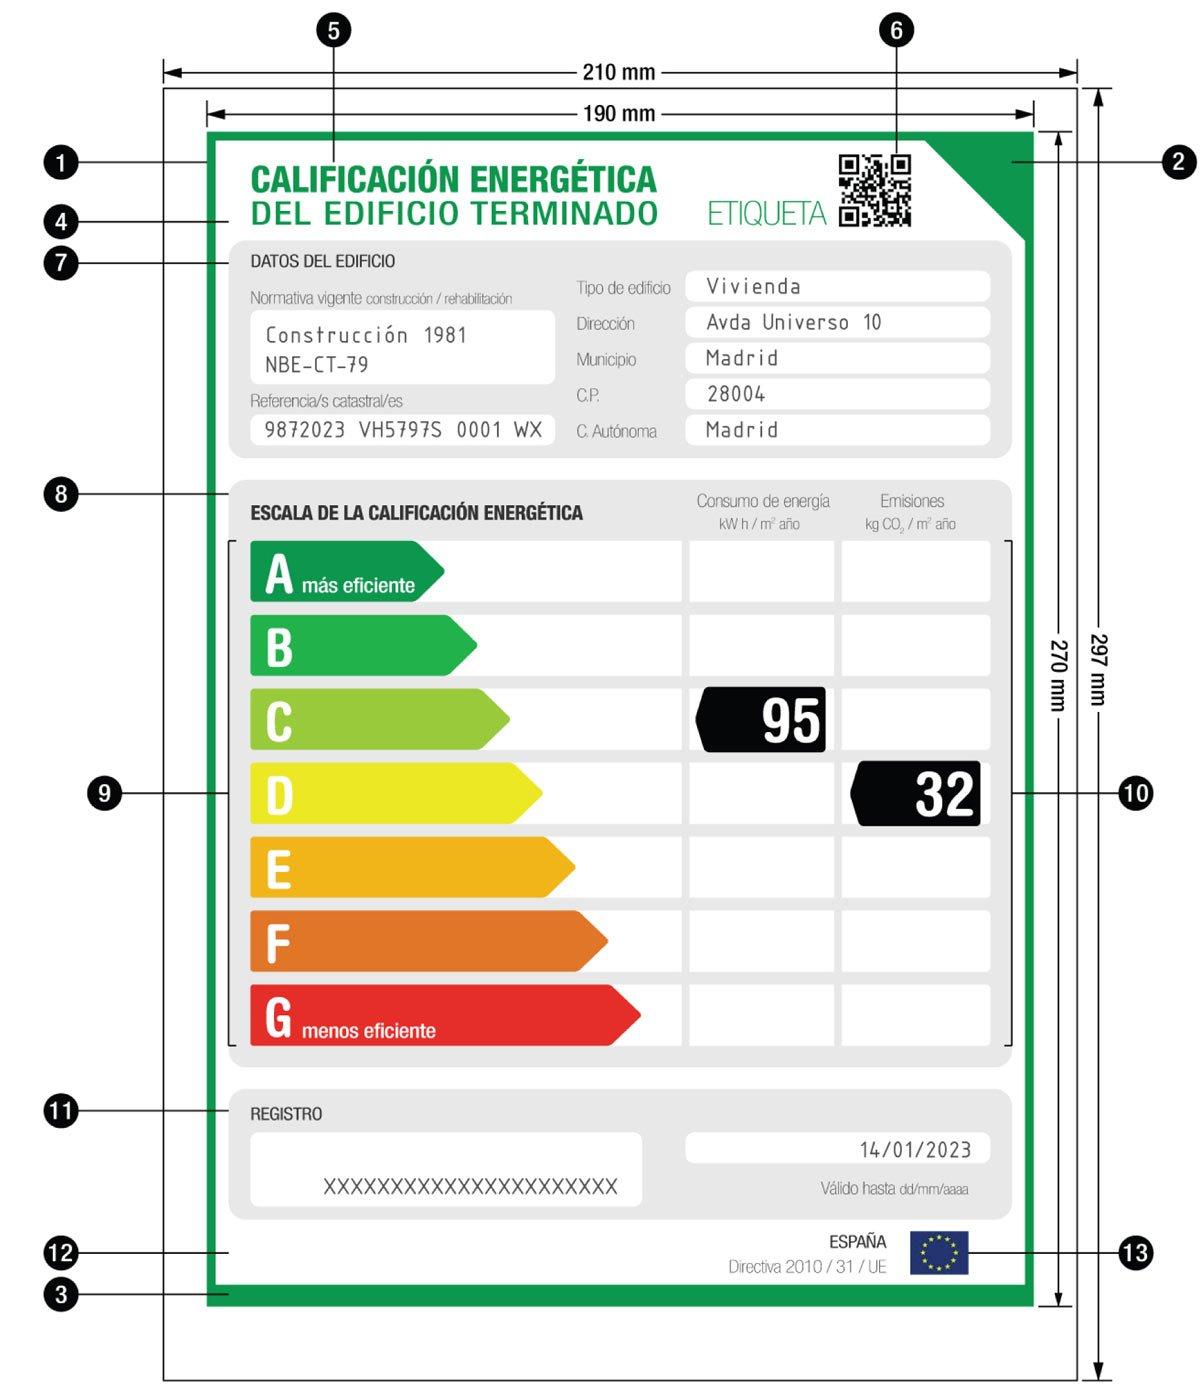 Modelo Etiqueta Eficiencia Energética - Certificado Energético